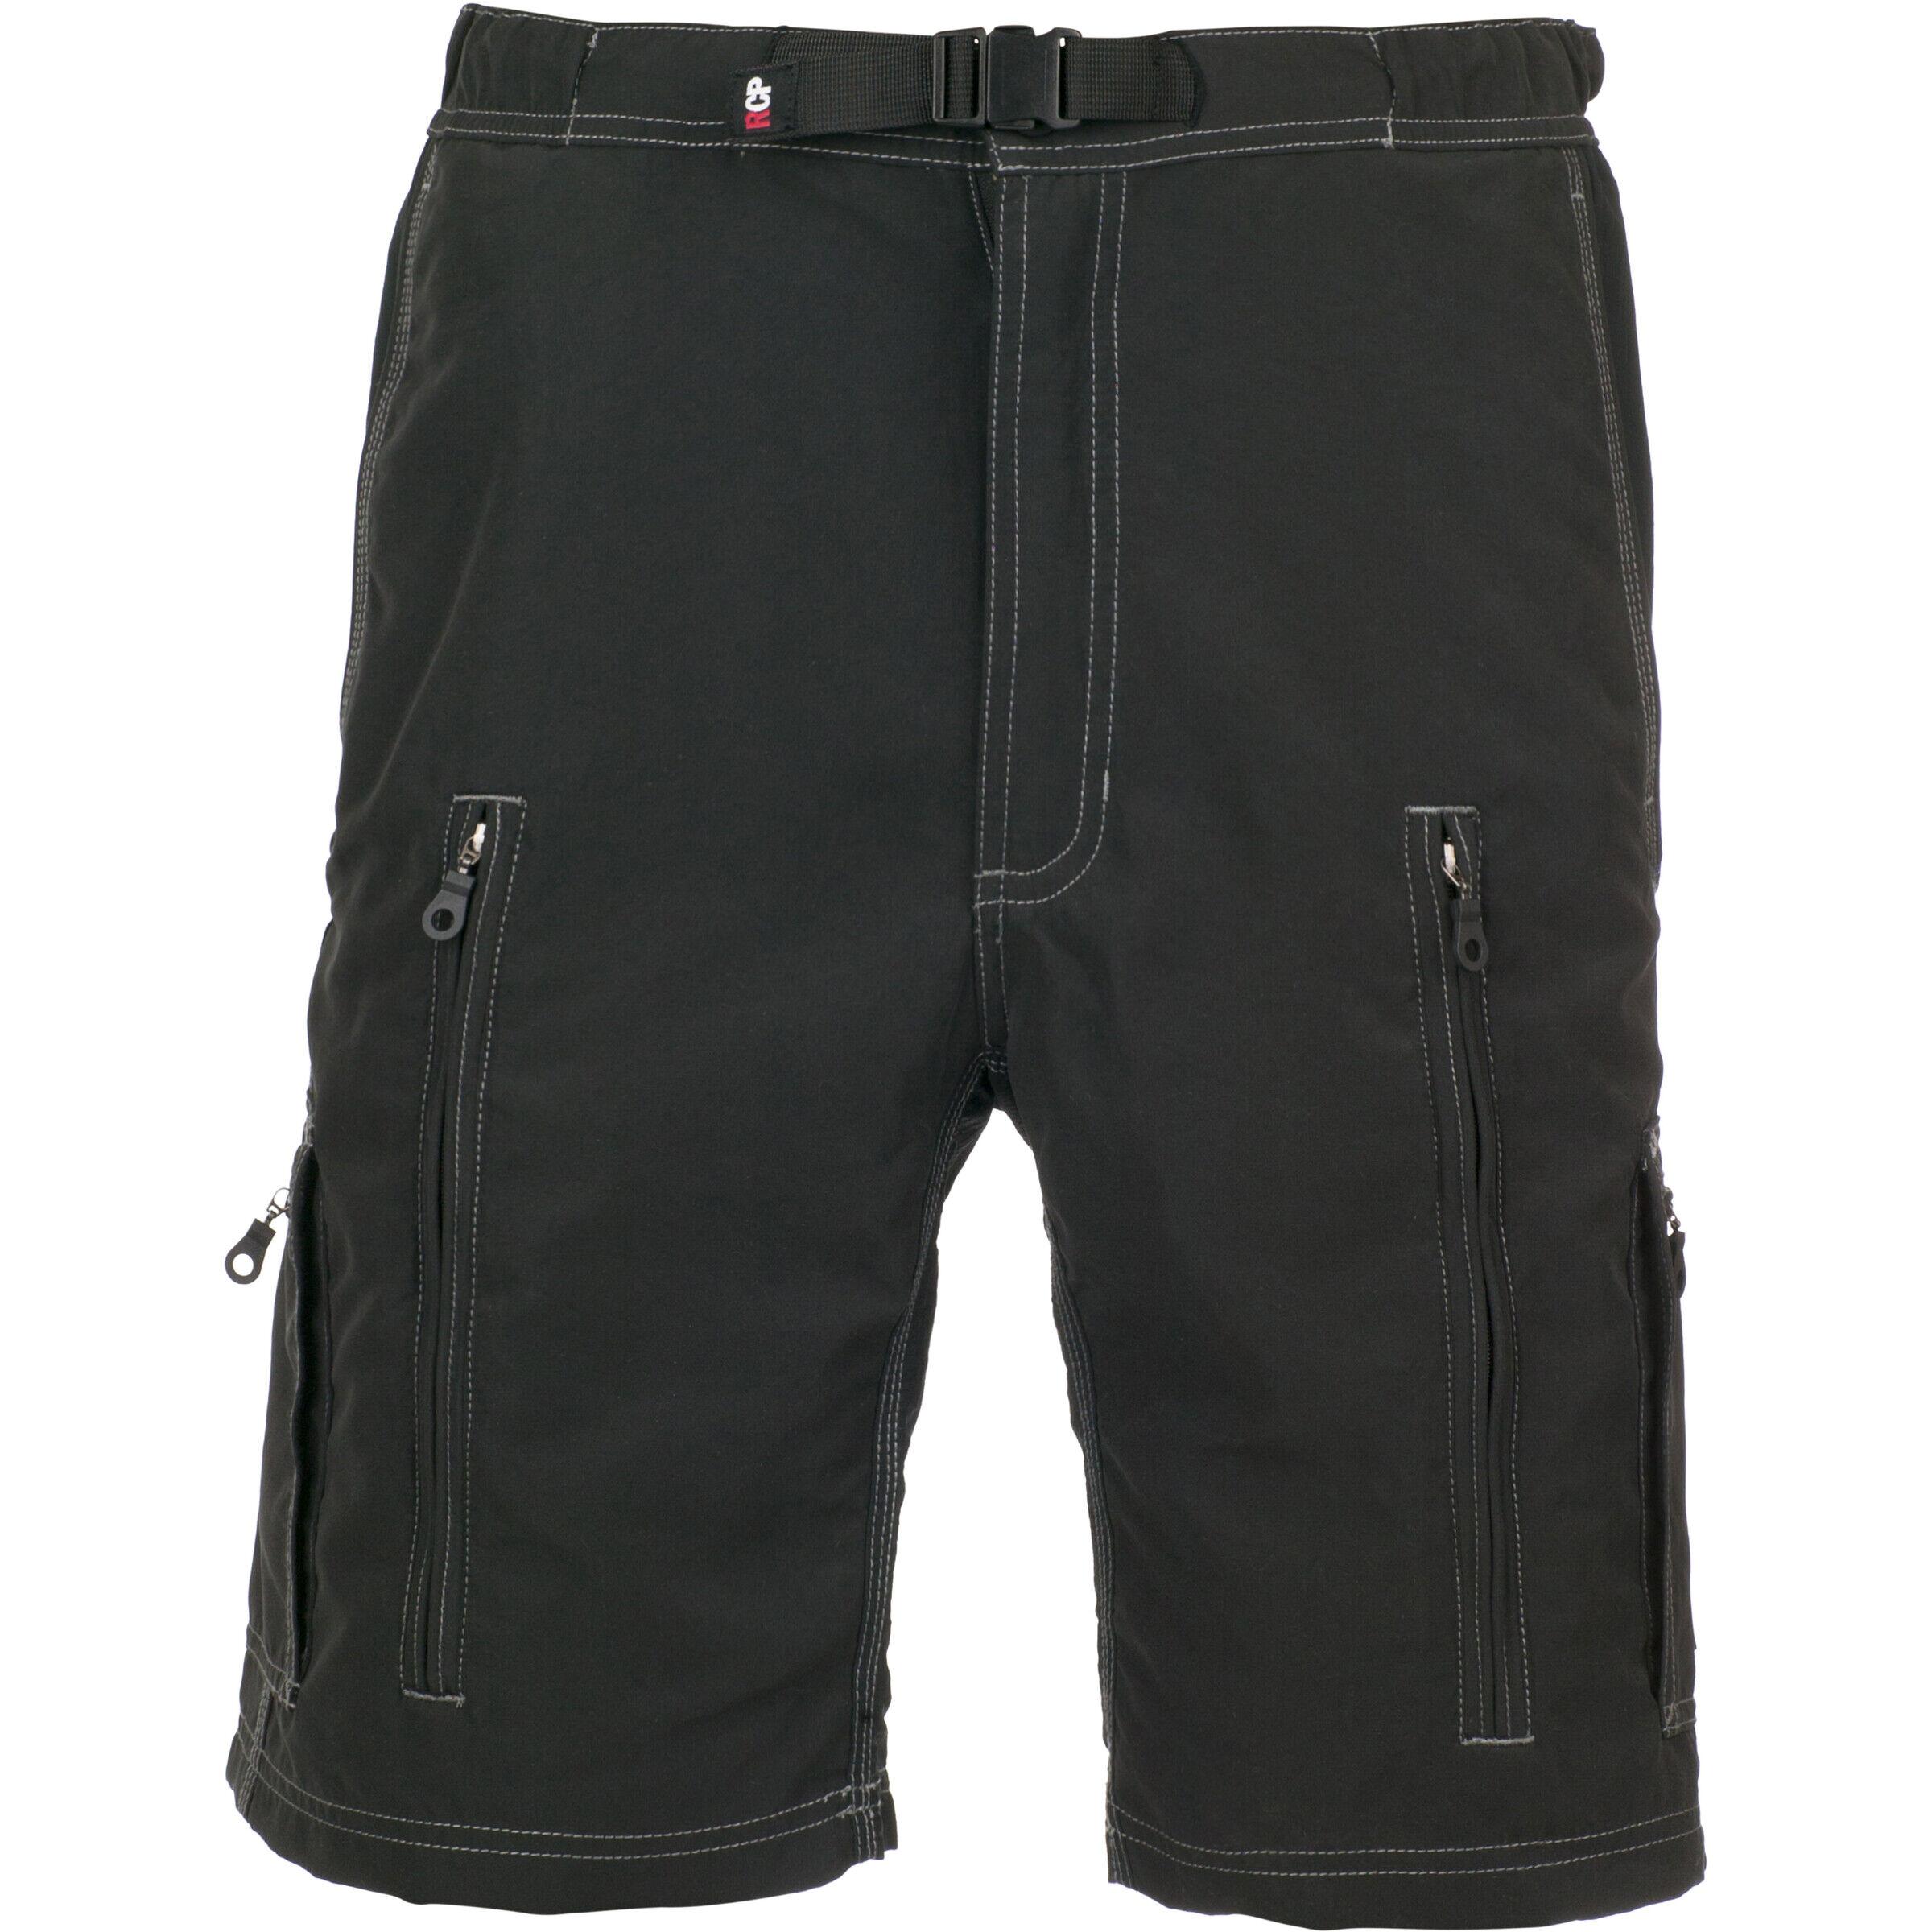 Gepolstert Rad Hose Beste Qualität Herren Fahrrad Latz Shorts Cool Max Gel